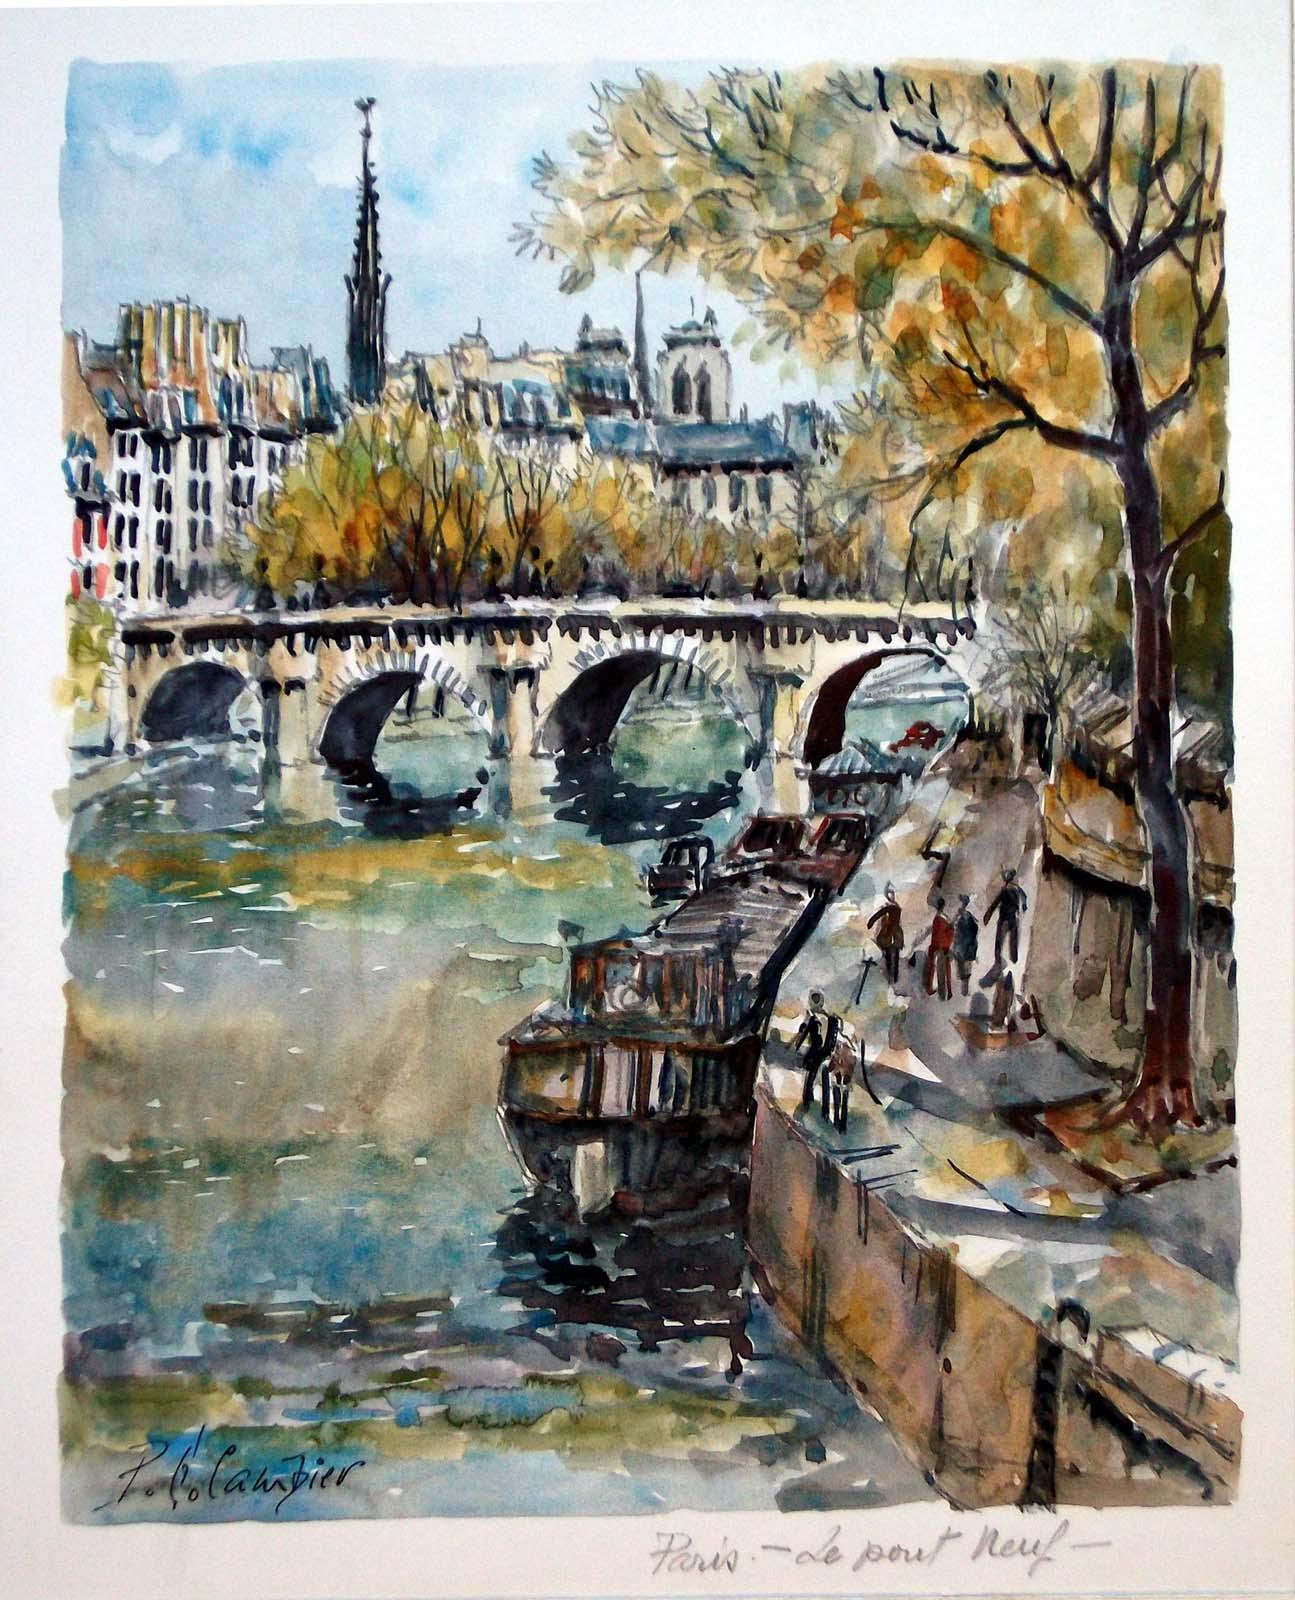 Le Pont Neuf Paris France Watercolor Signed Original